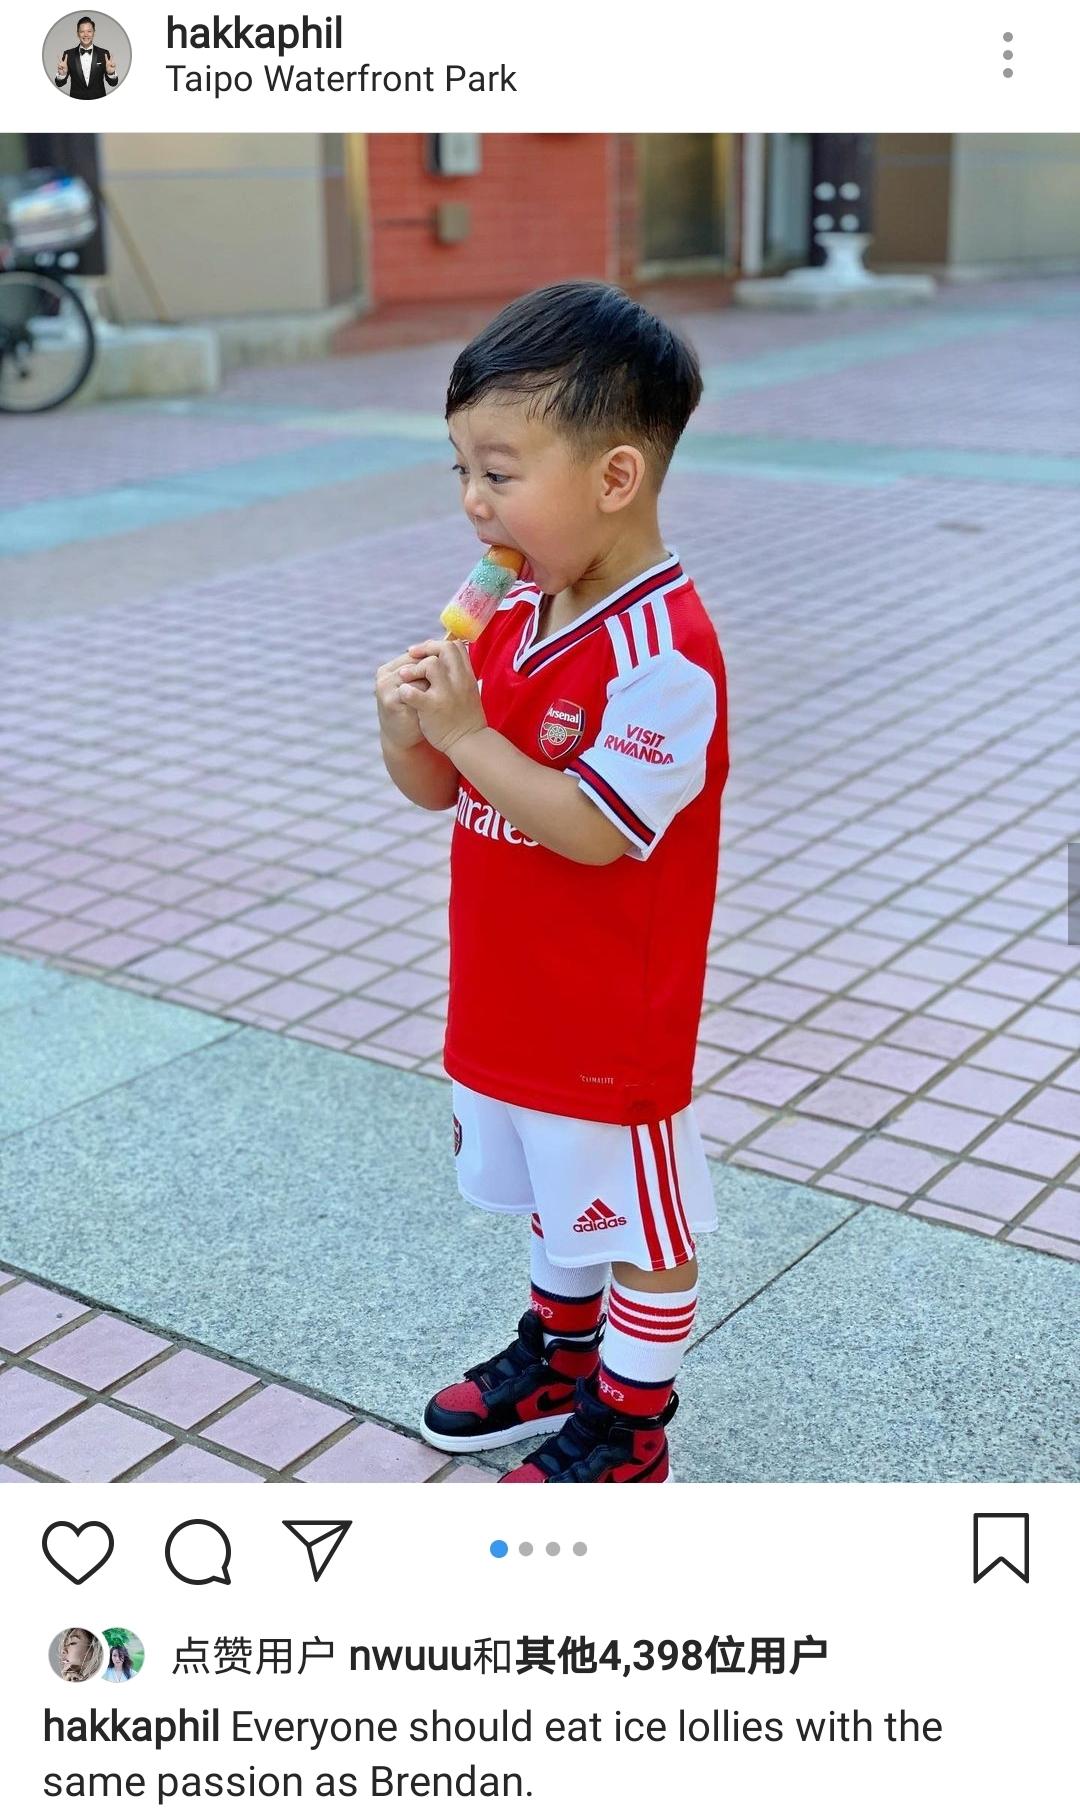 胡杏兒老公週末帶兒子放風,奕霆吃雪糕神態喜感,父子同框超有愛